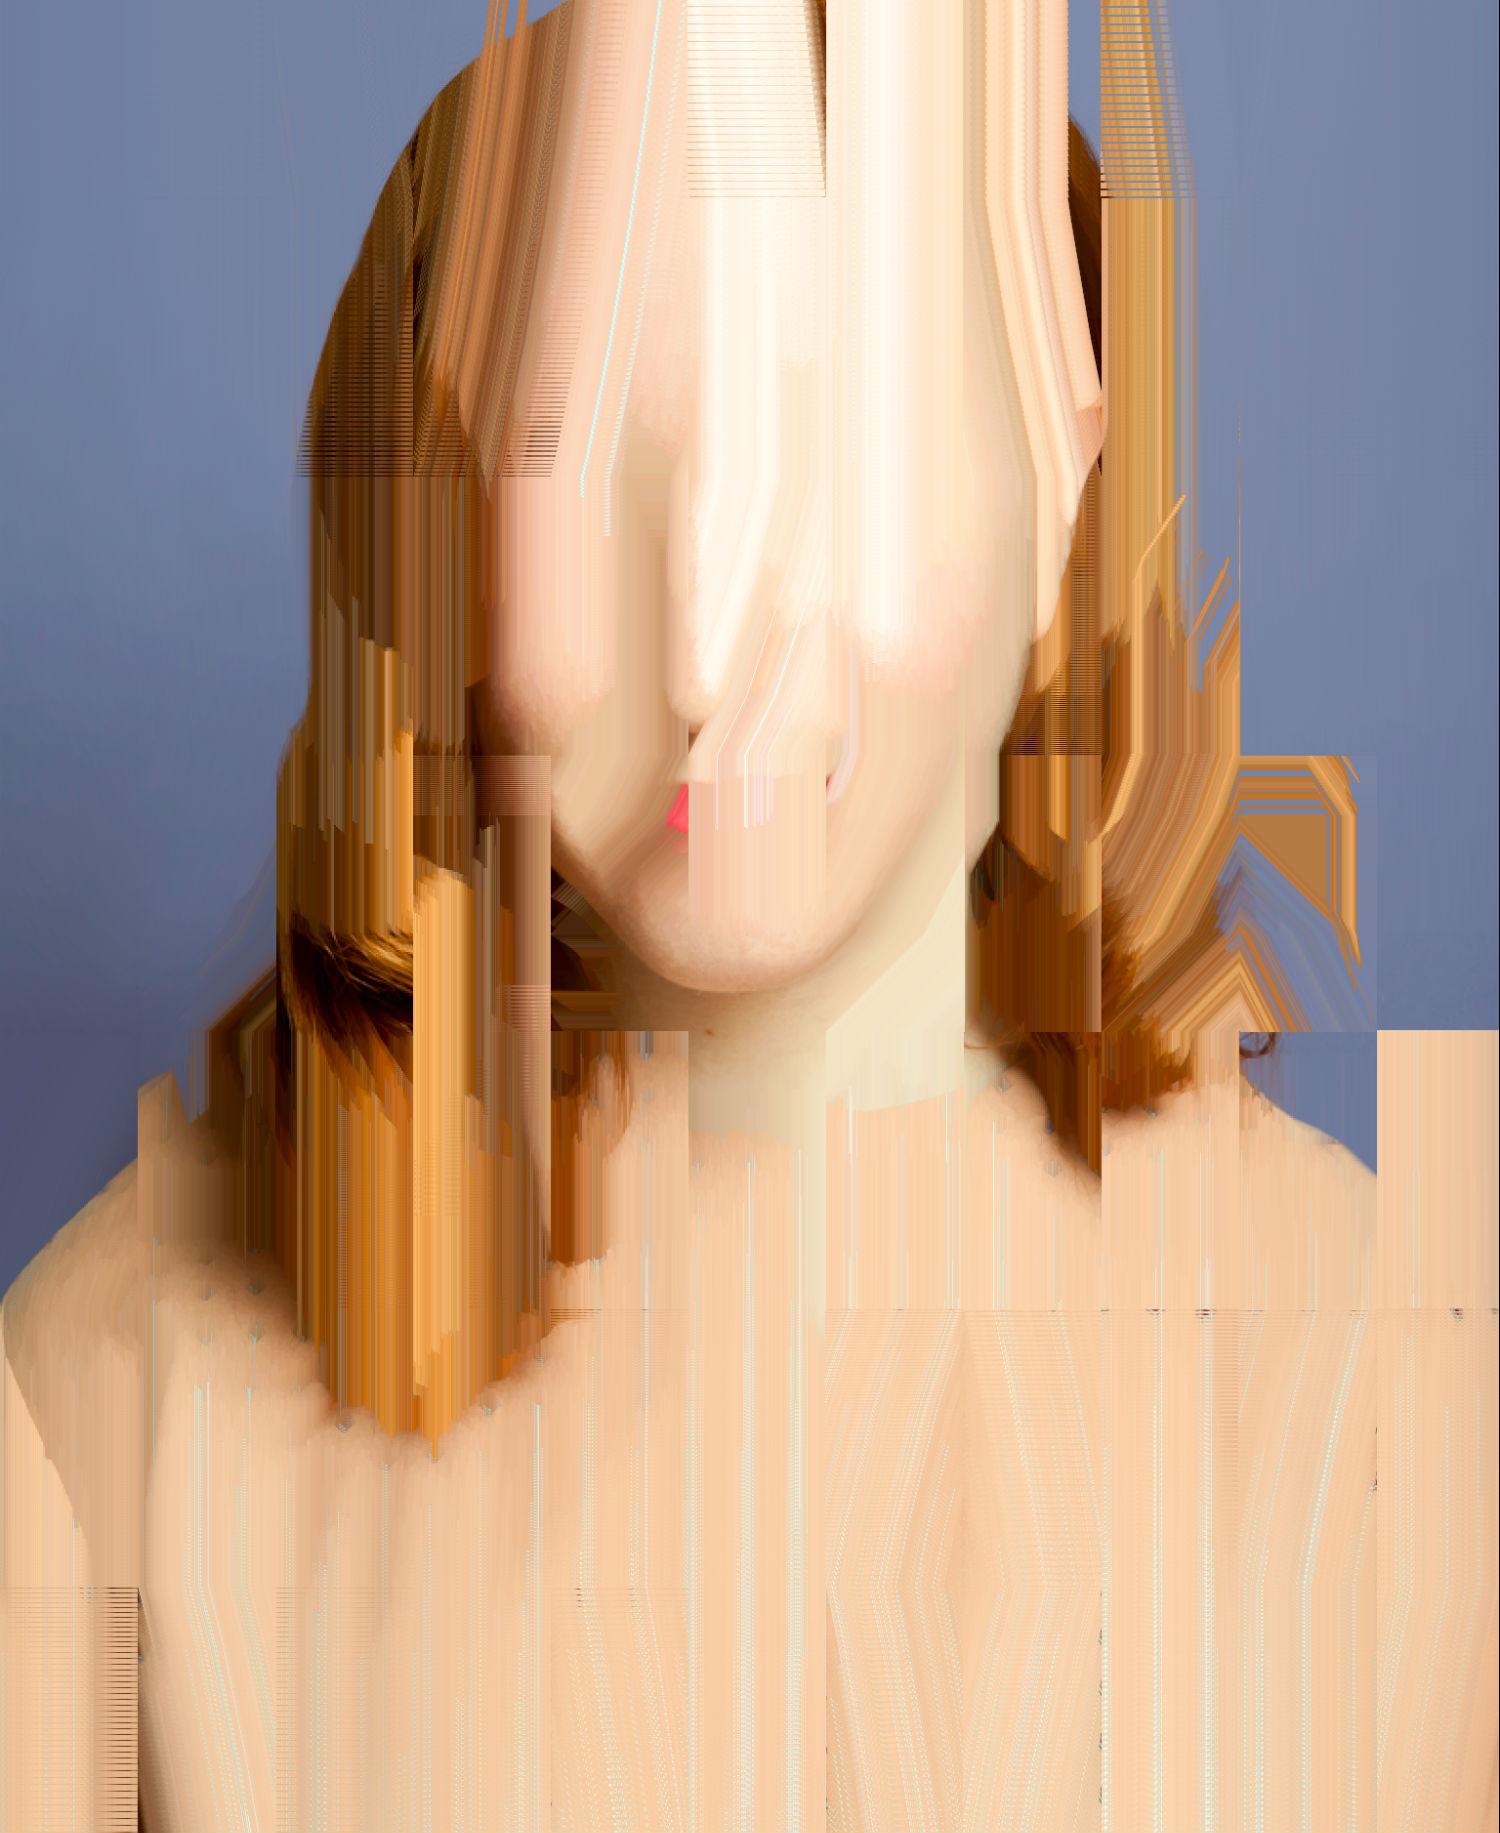 david szauder painting memory portrait